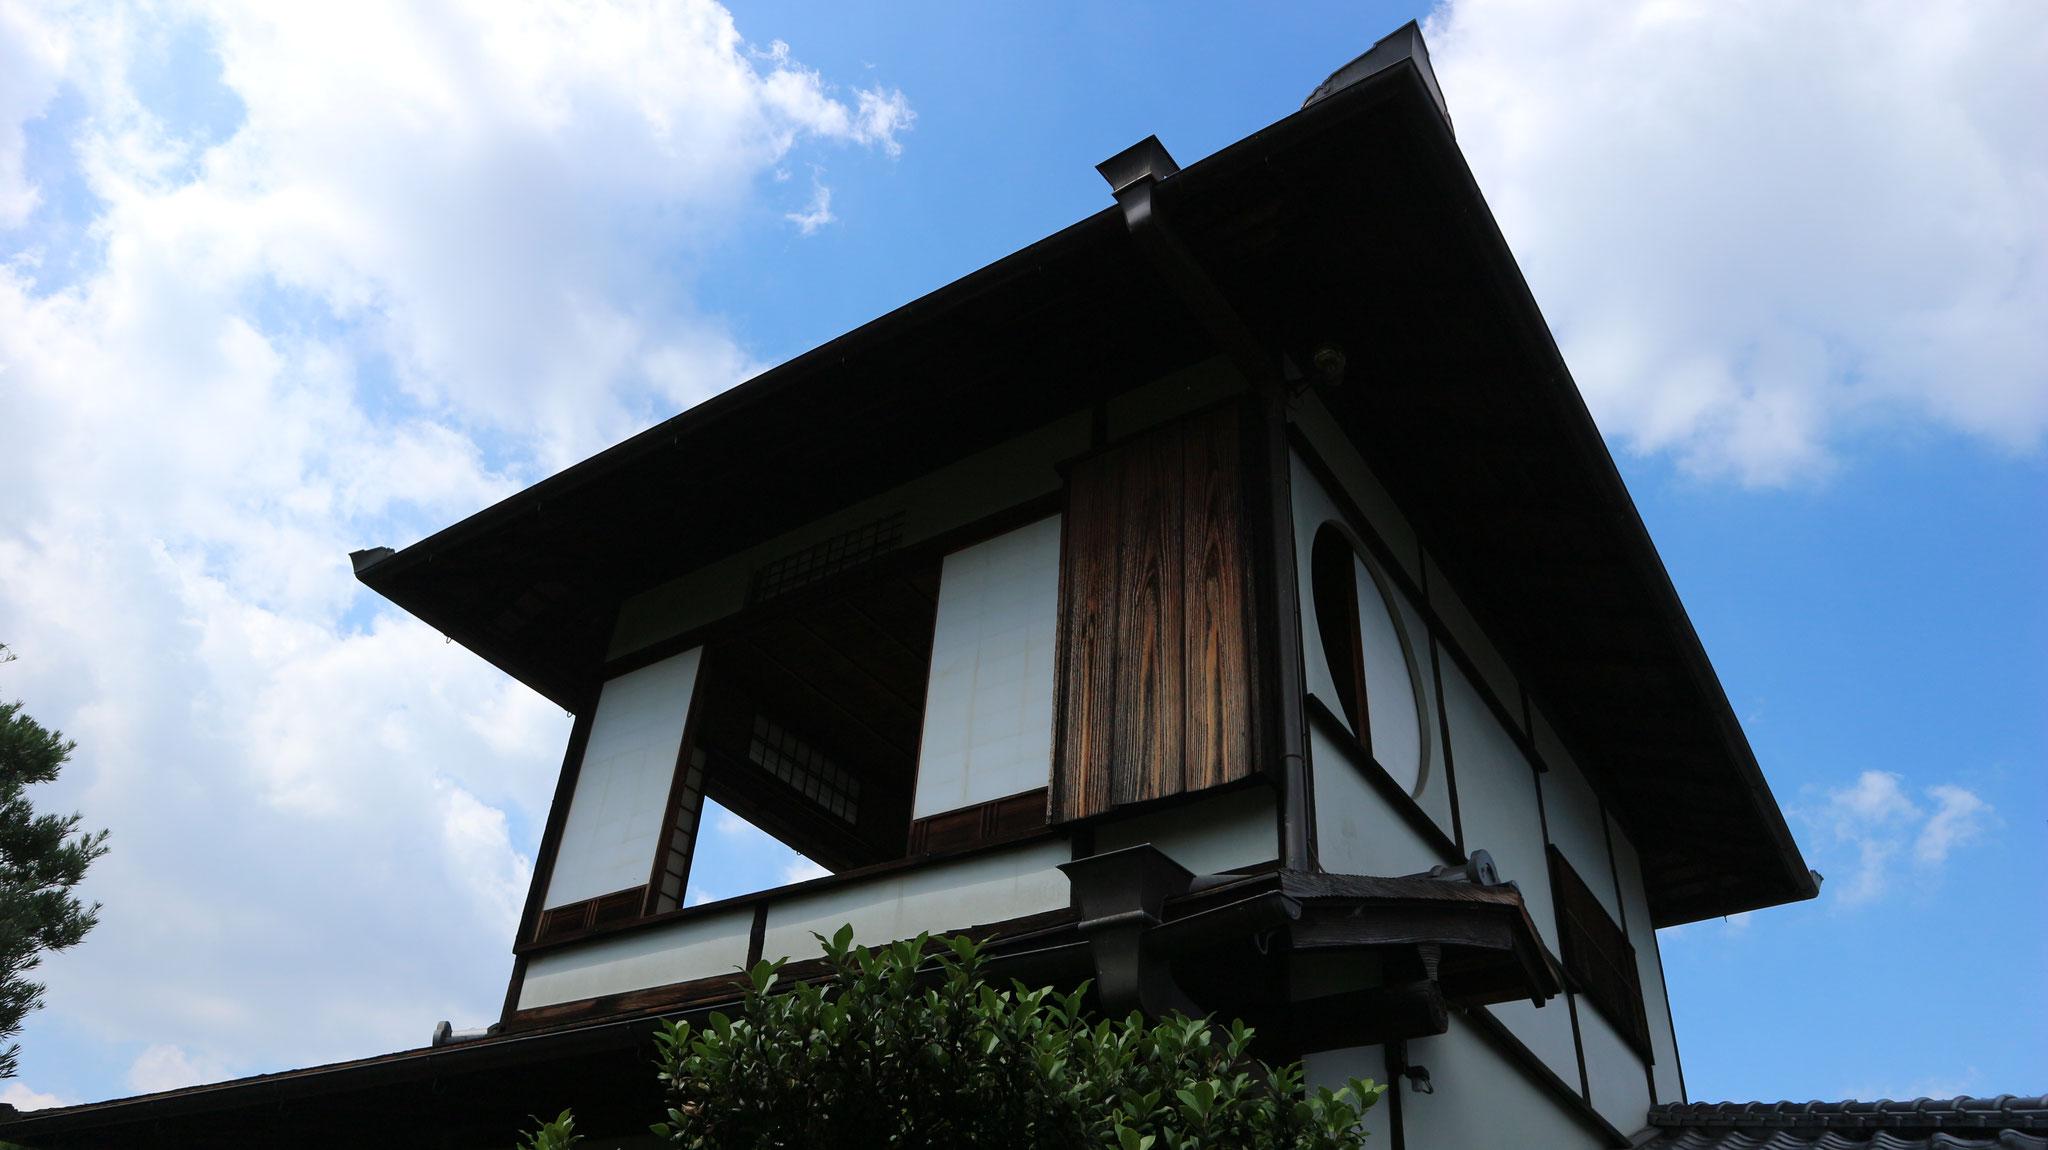 二階建て茶室の蘆菴(ろあん)